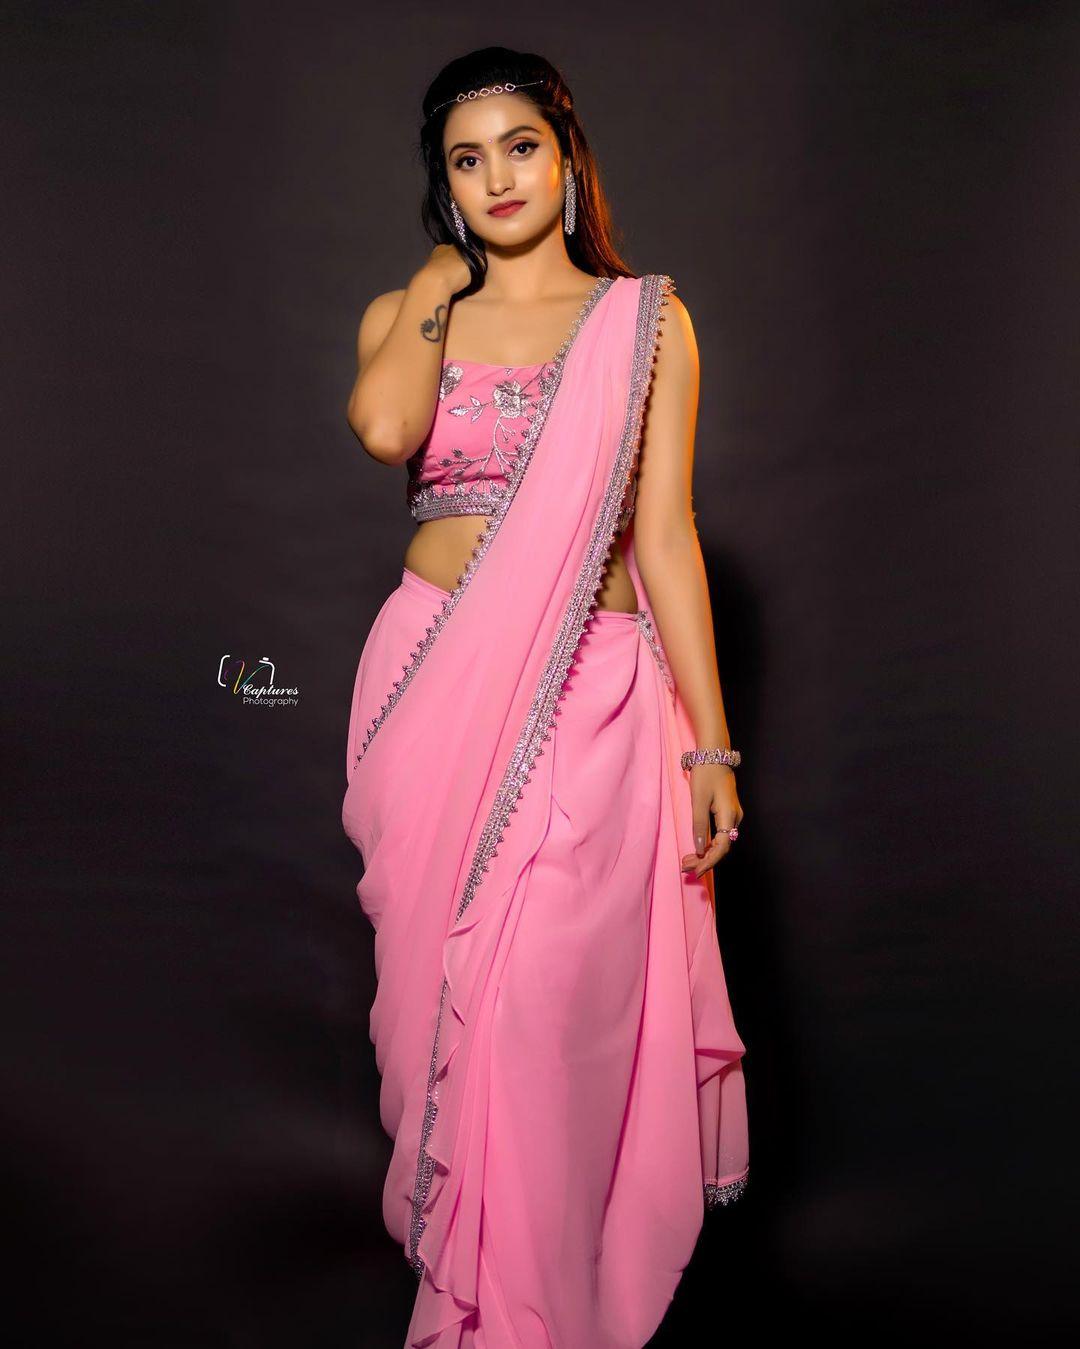 Beautiful actrees Deepika Pilli in firoz designer studio pink ruffle saree. 2021-08-13